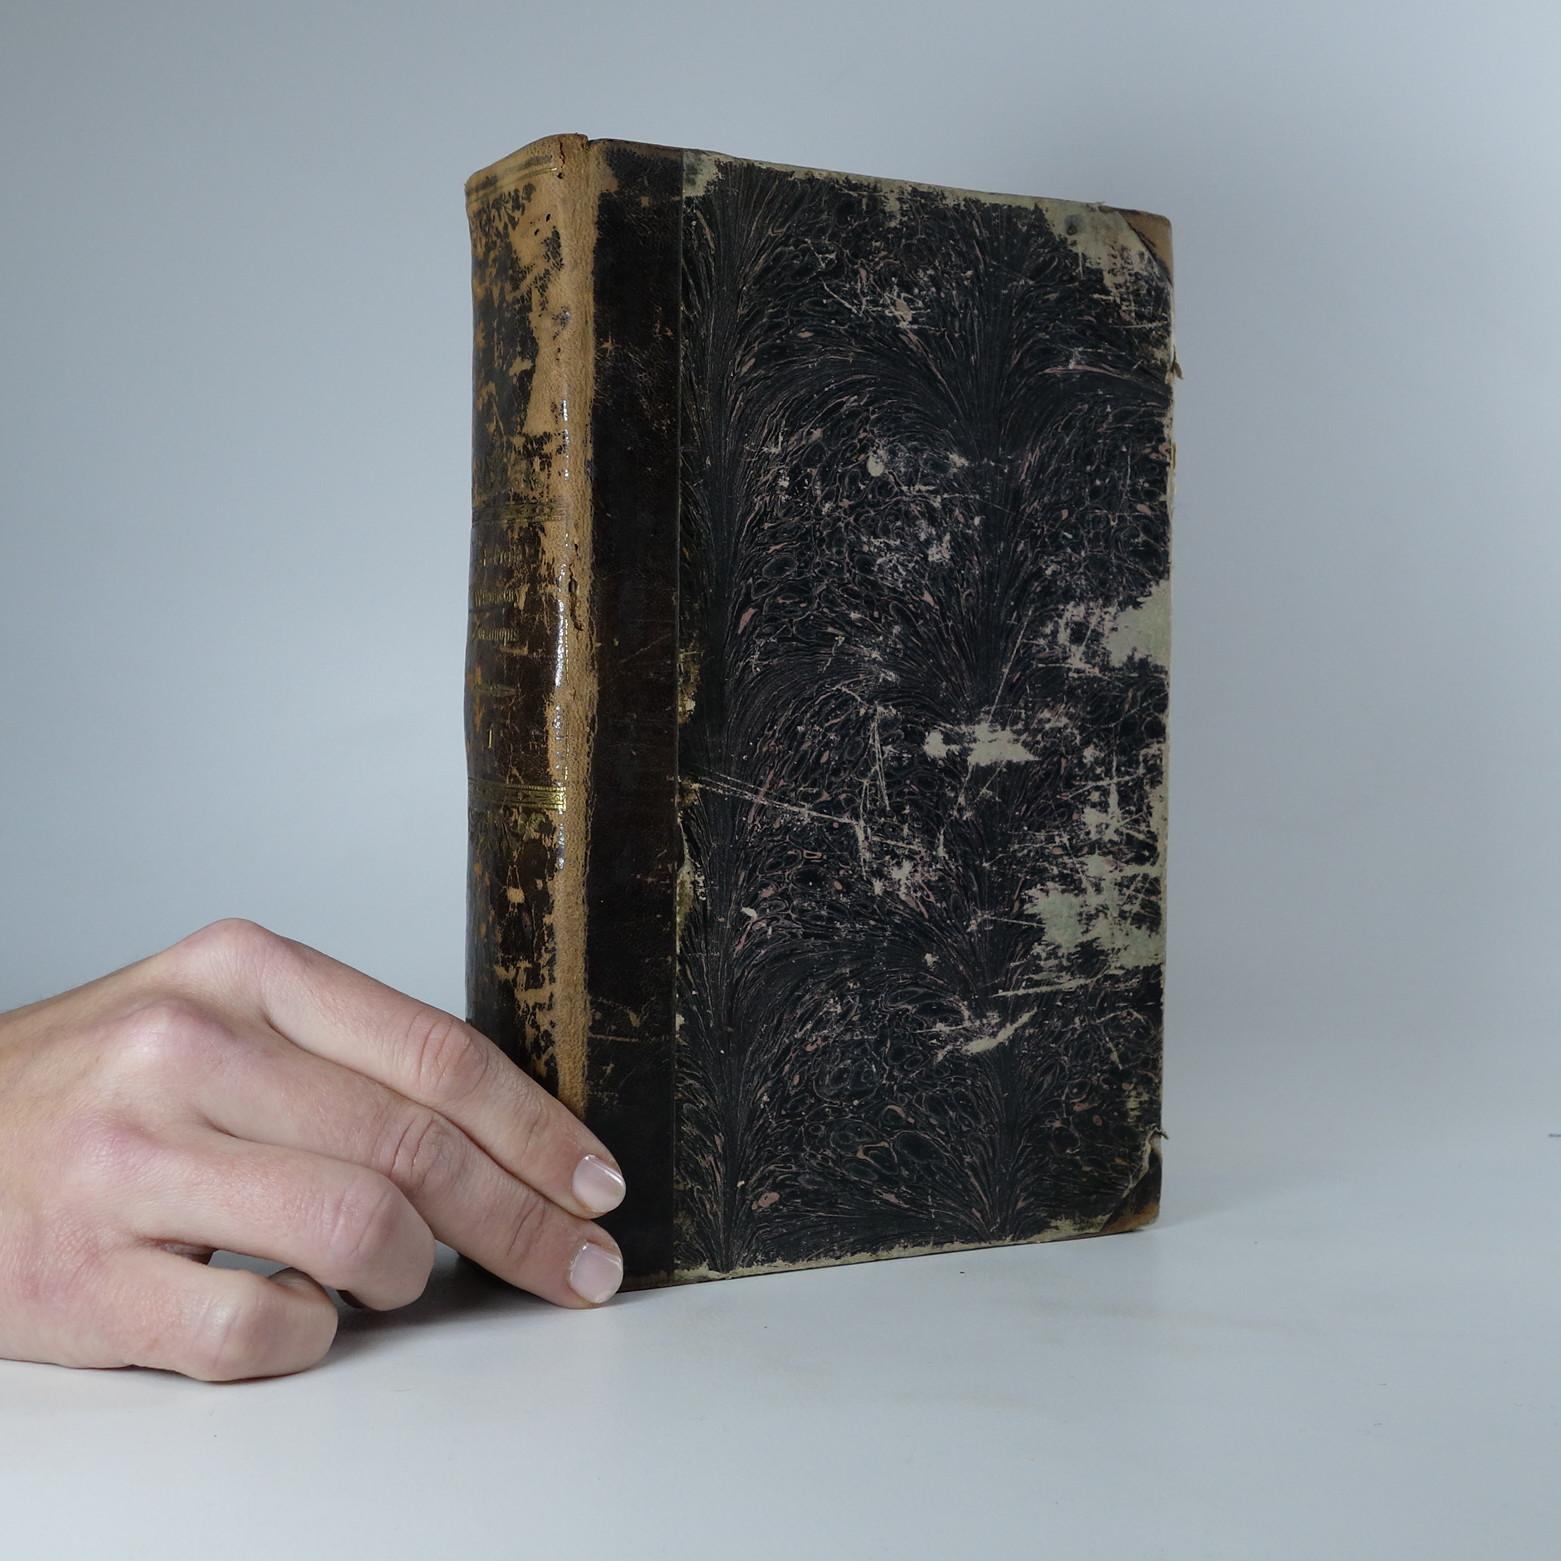 antikvární kniha Wšeobecný rostlinopis, čili: Popsání rostlin we wšelikém ohledu užitečných a škodliwých. (1. díl), 1846